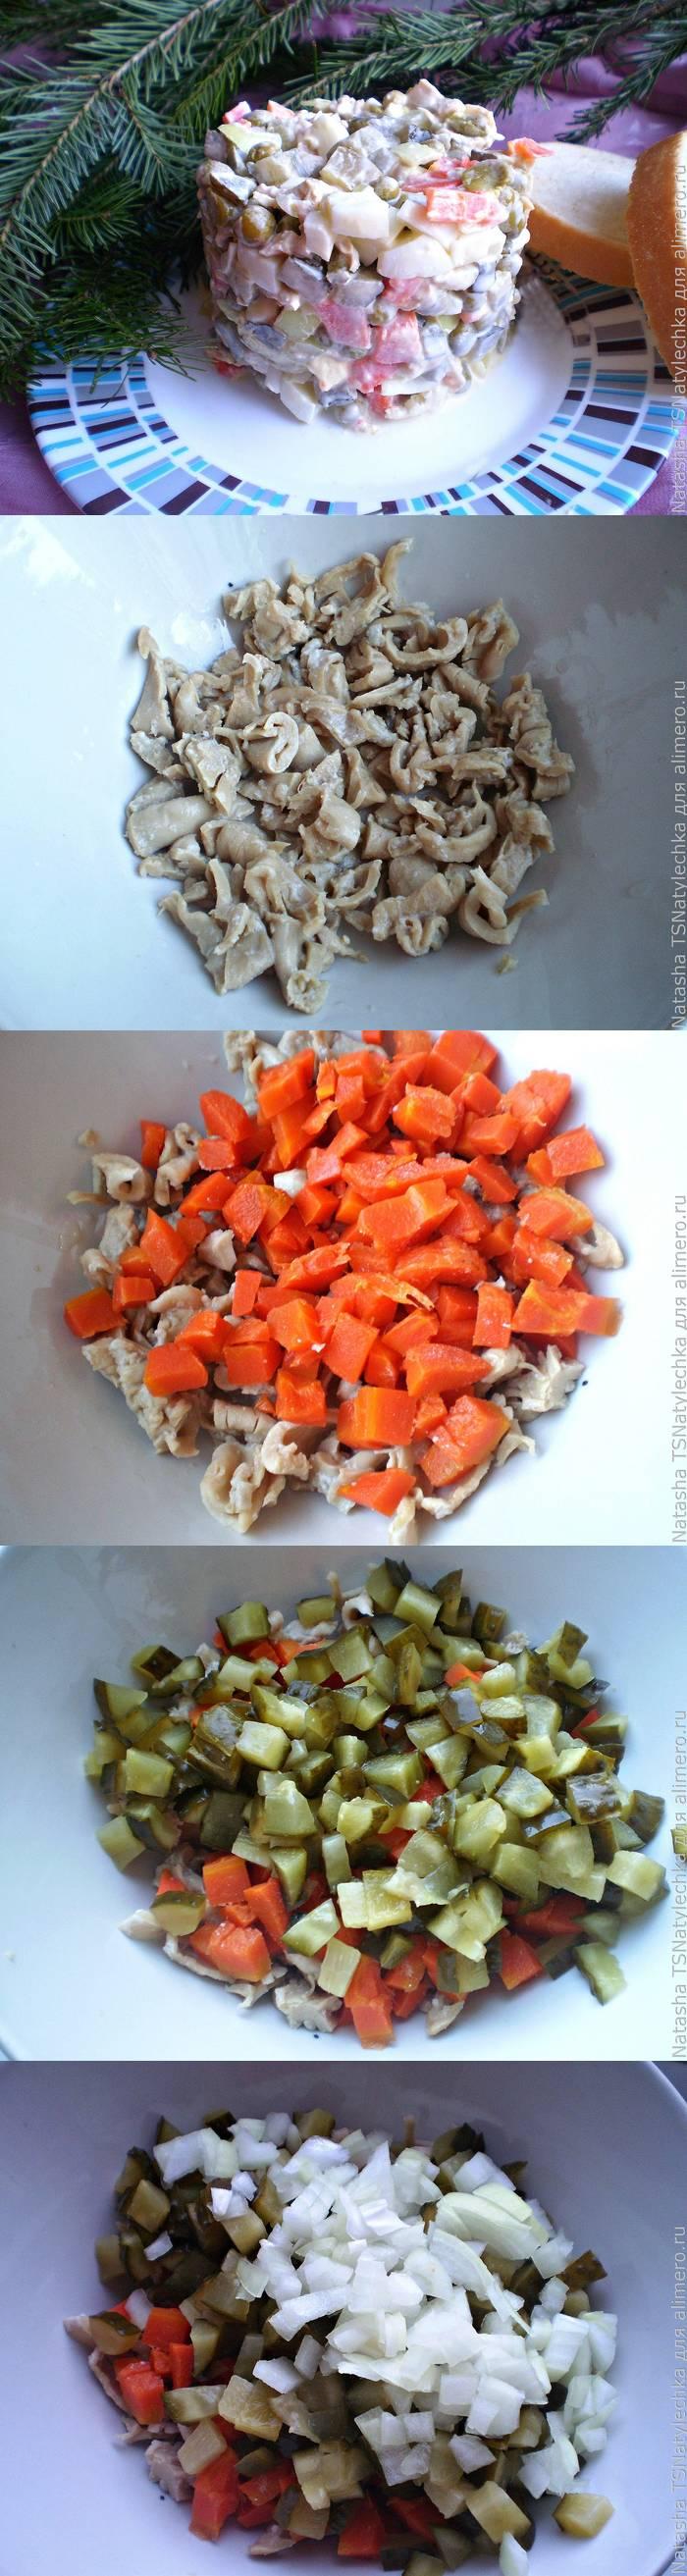 «Оливье» с кальмарами рецепт с фото пошагово. Как